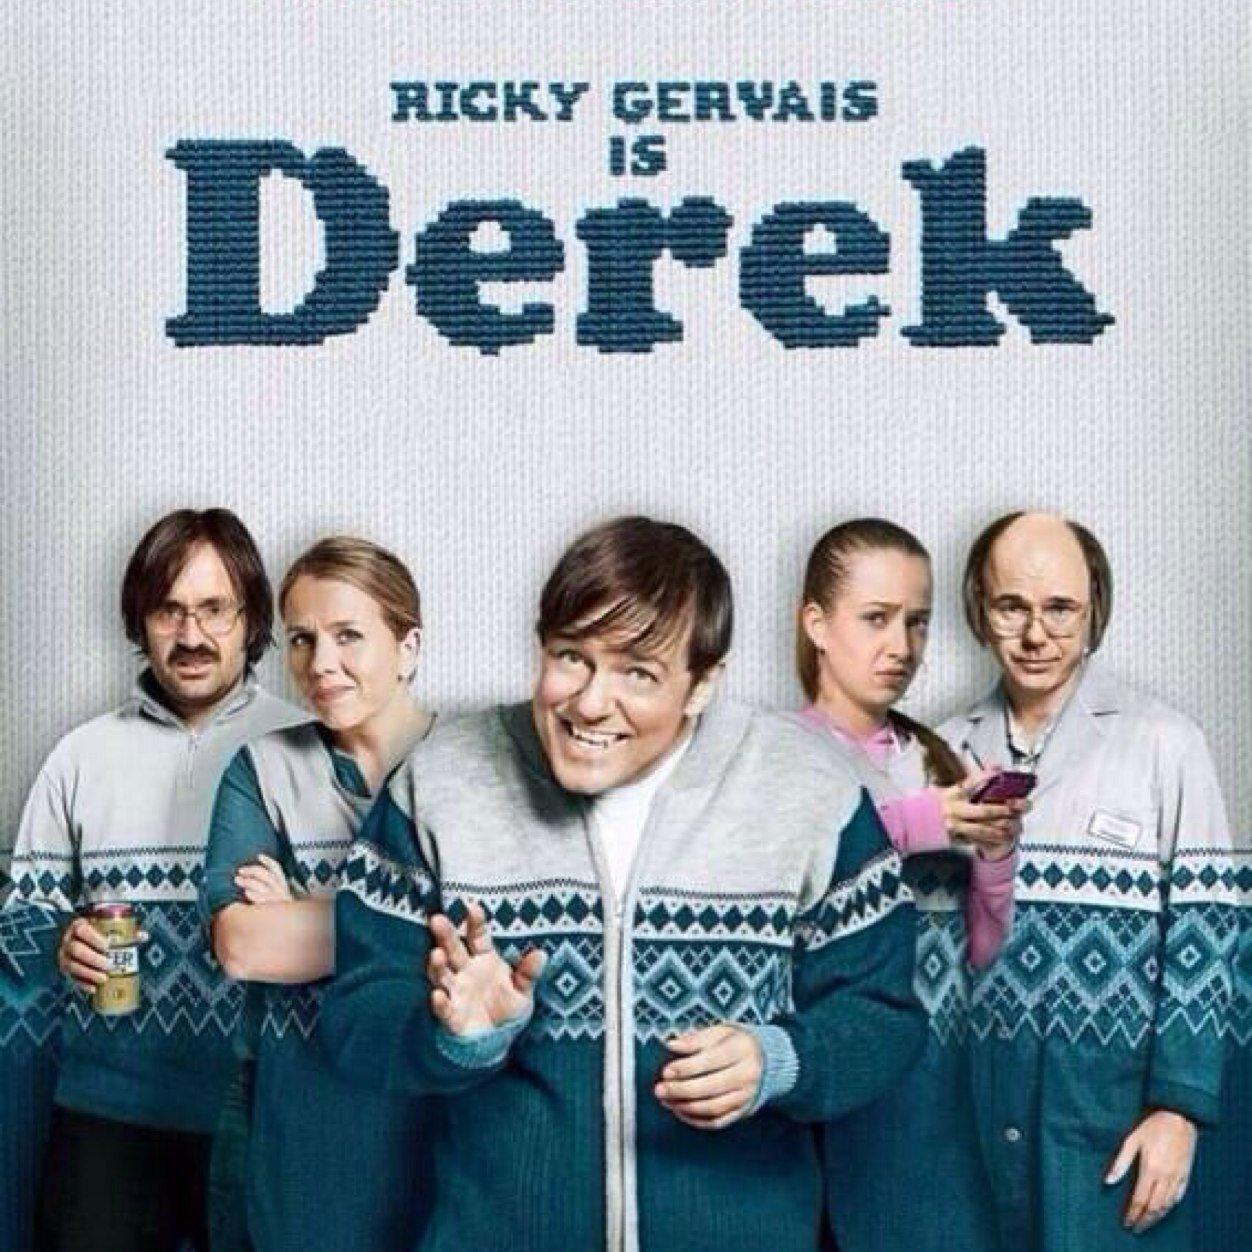 @DerekTVShow